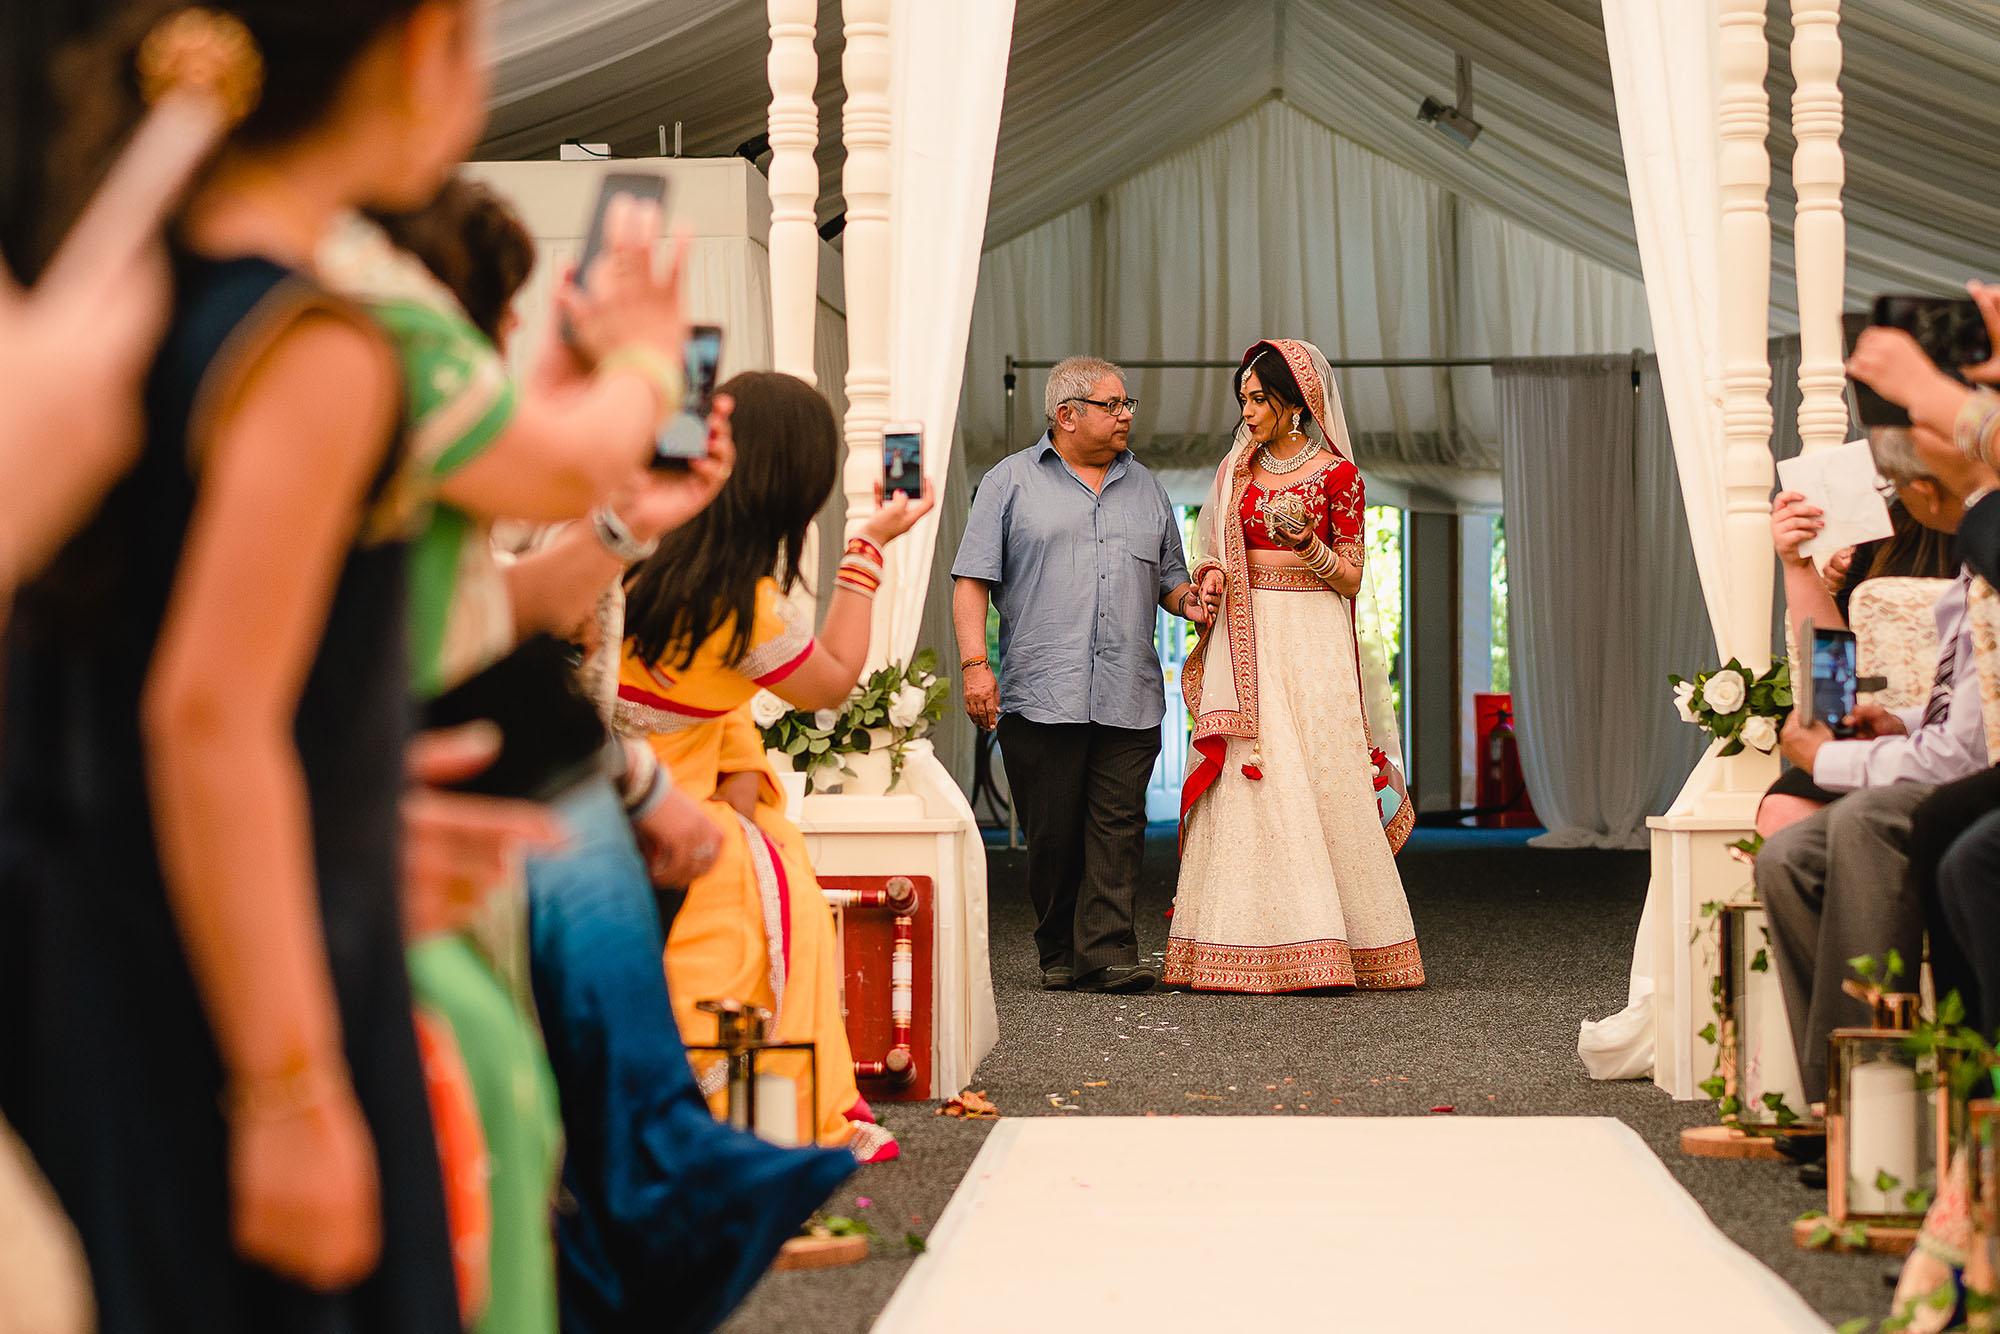 hindu wedding entrance of the bride